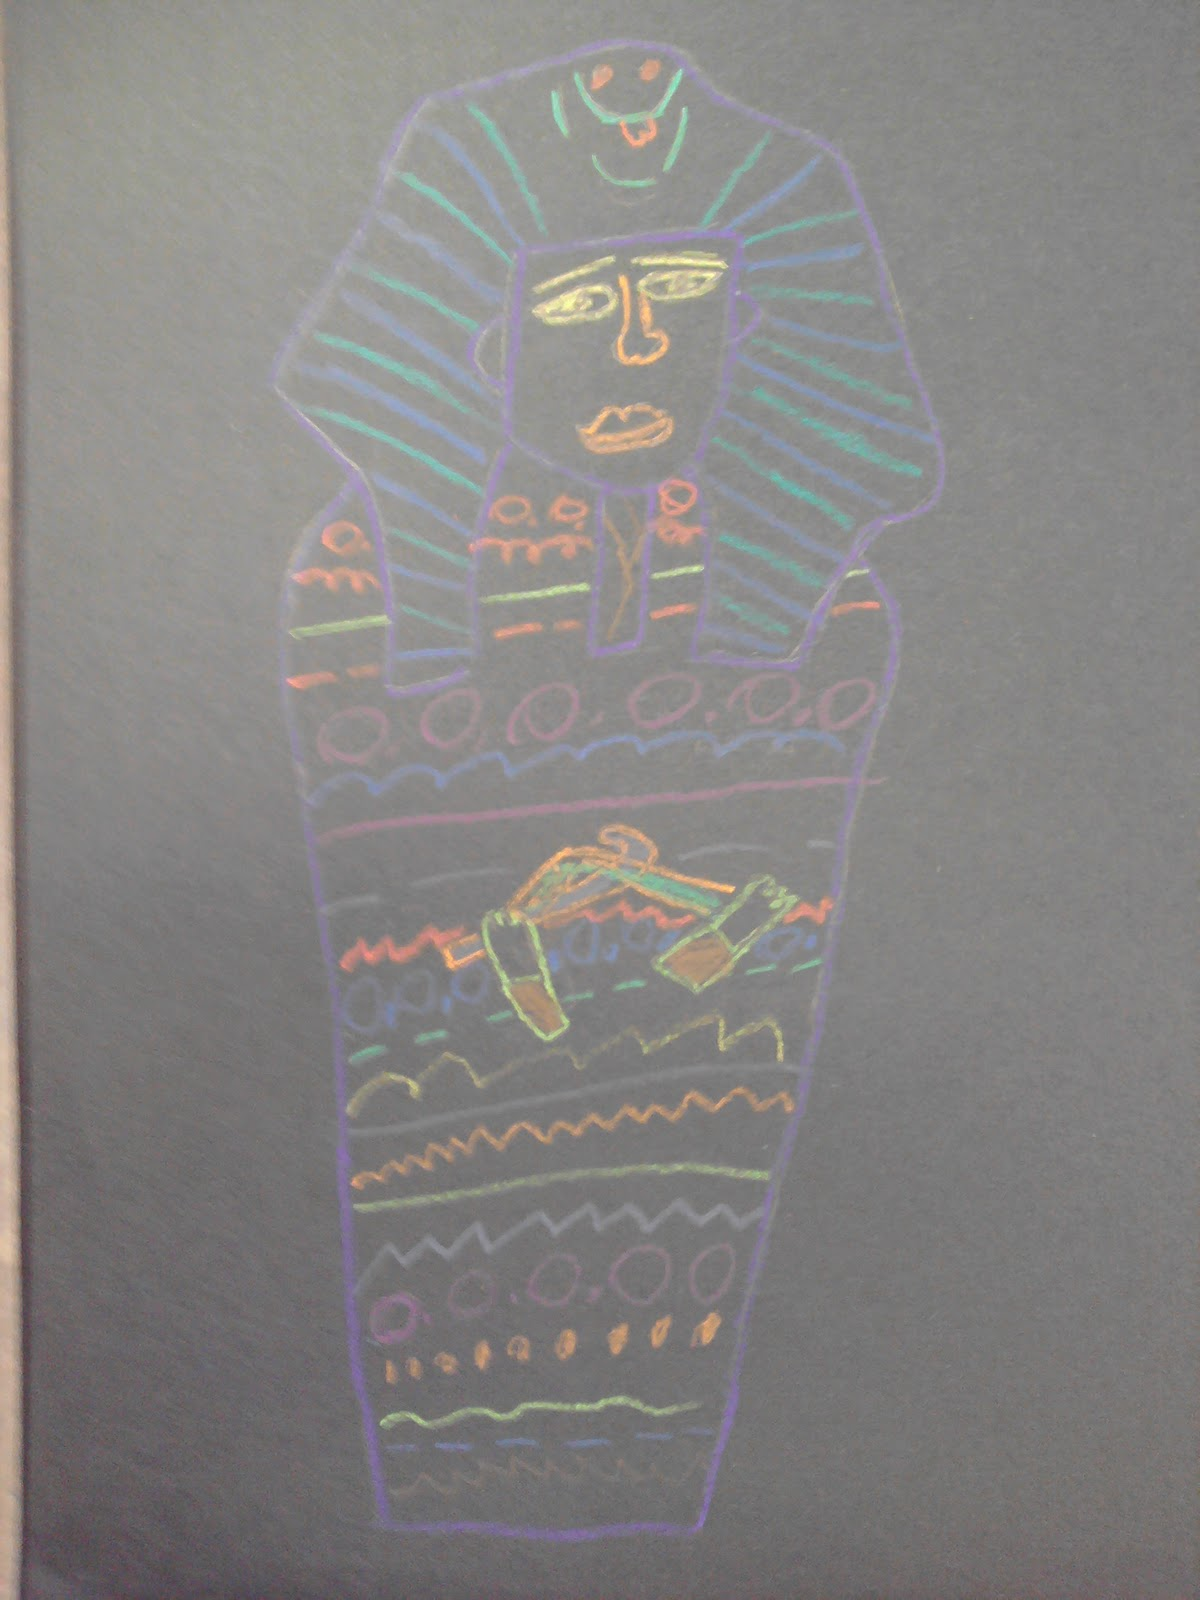 http://3.bp.blogspot.com/-S6zgUqVH9lI/TqHt0yoE-DI/AAAAAAAAA2A/4OlBrd2c5Yg/s1600/sarcophagus3.jpg